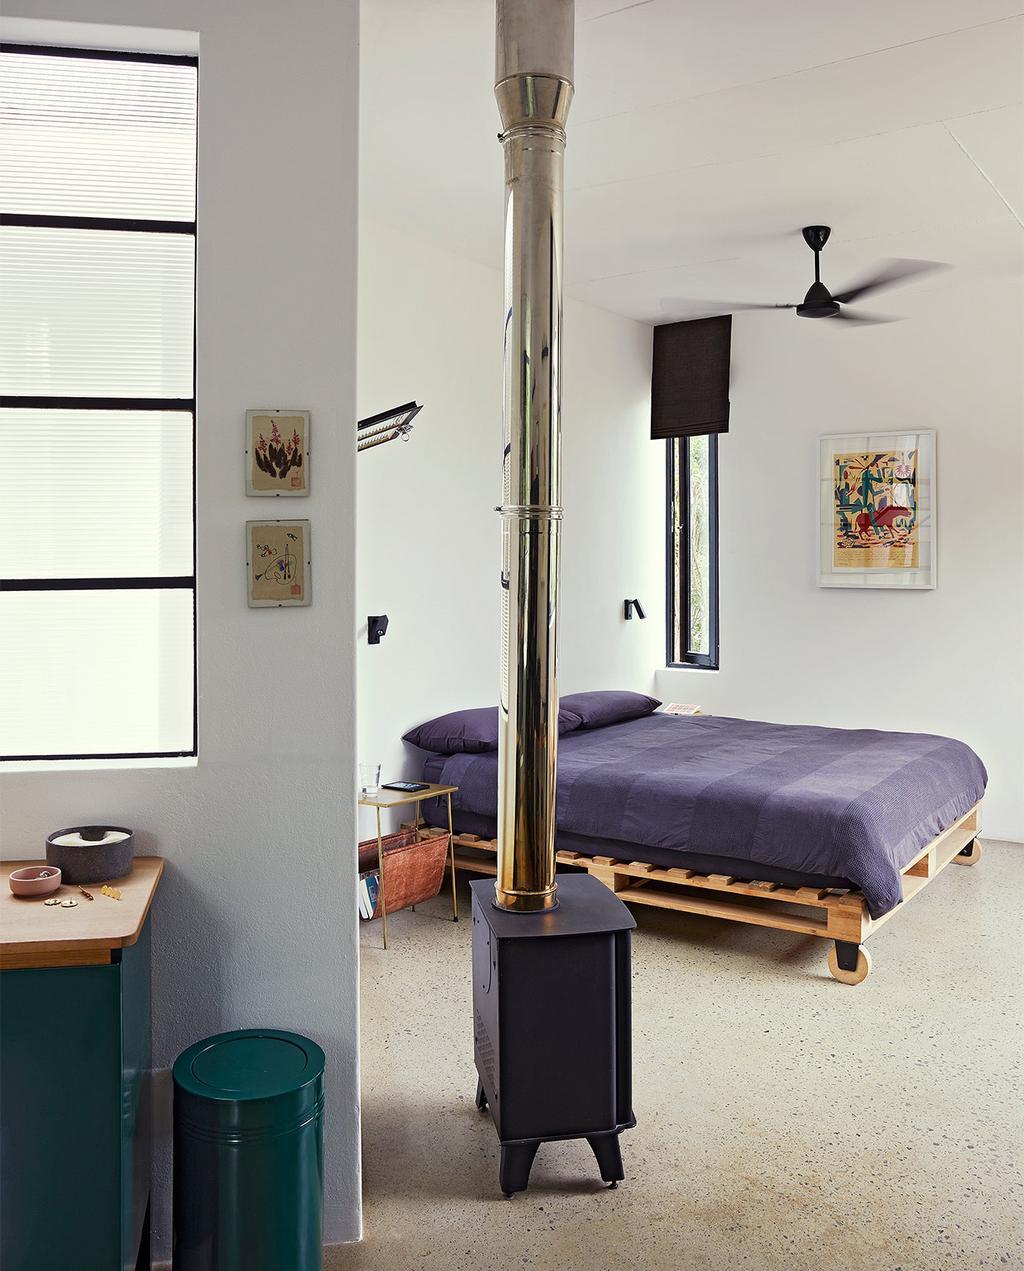 vtwonen binnenkijk special 07-2021 | slaapkamer met pallet bed en kachel met een betonnen vloer